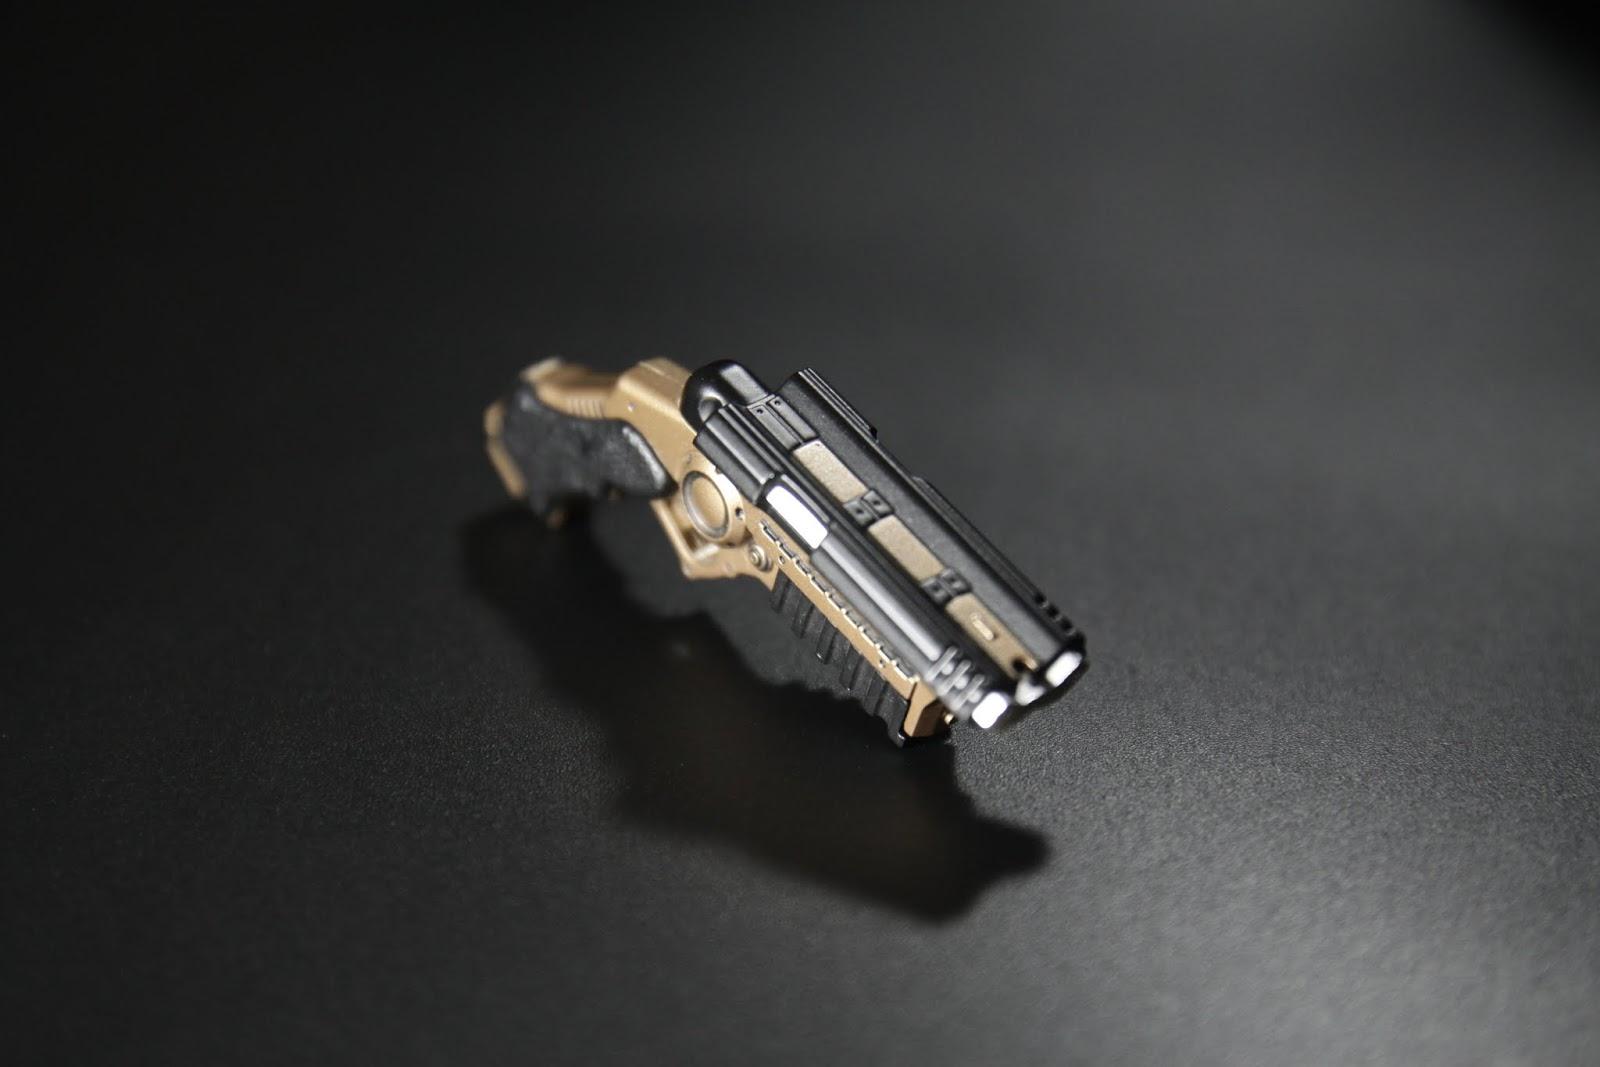 槍機雖然可以向後拉, 但是不能固定住